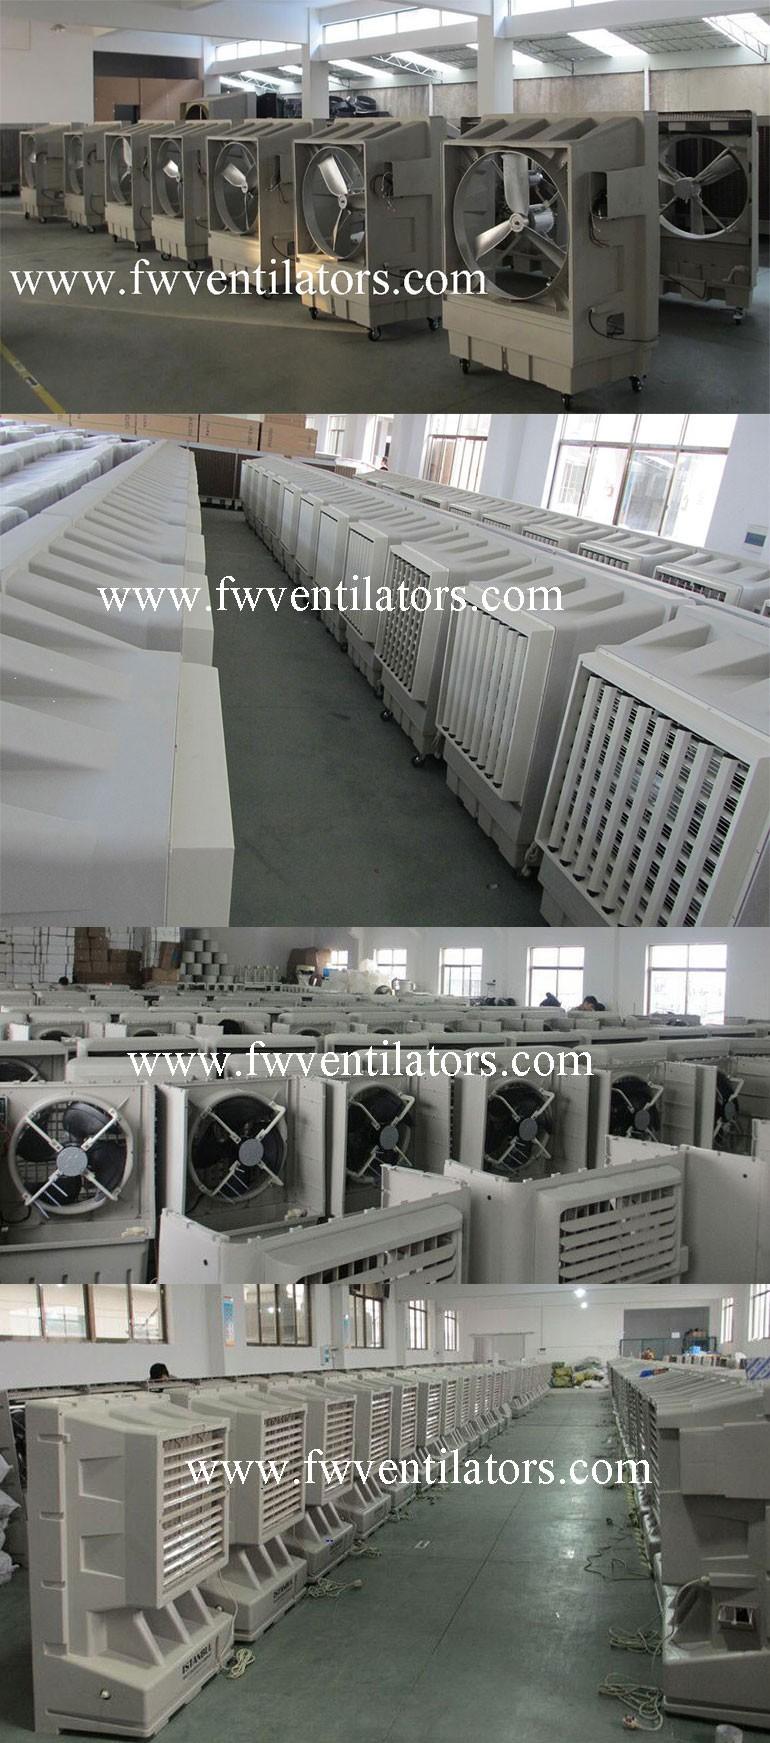 workshops of industrial portable evaporative air coolers.jpg